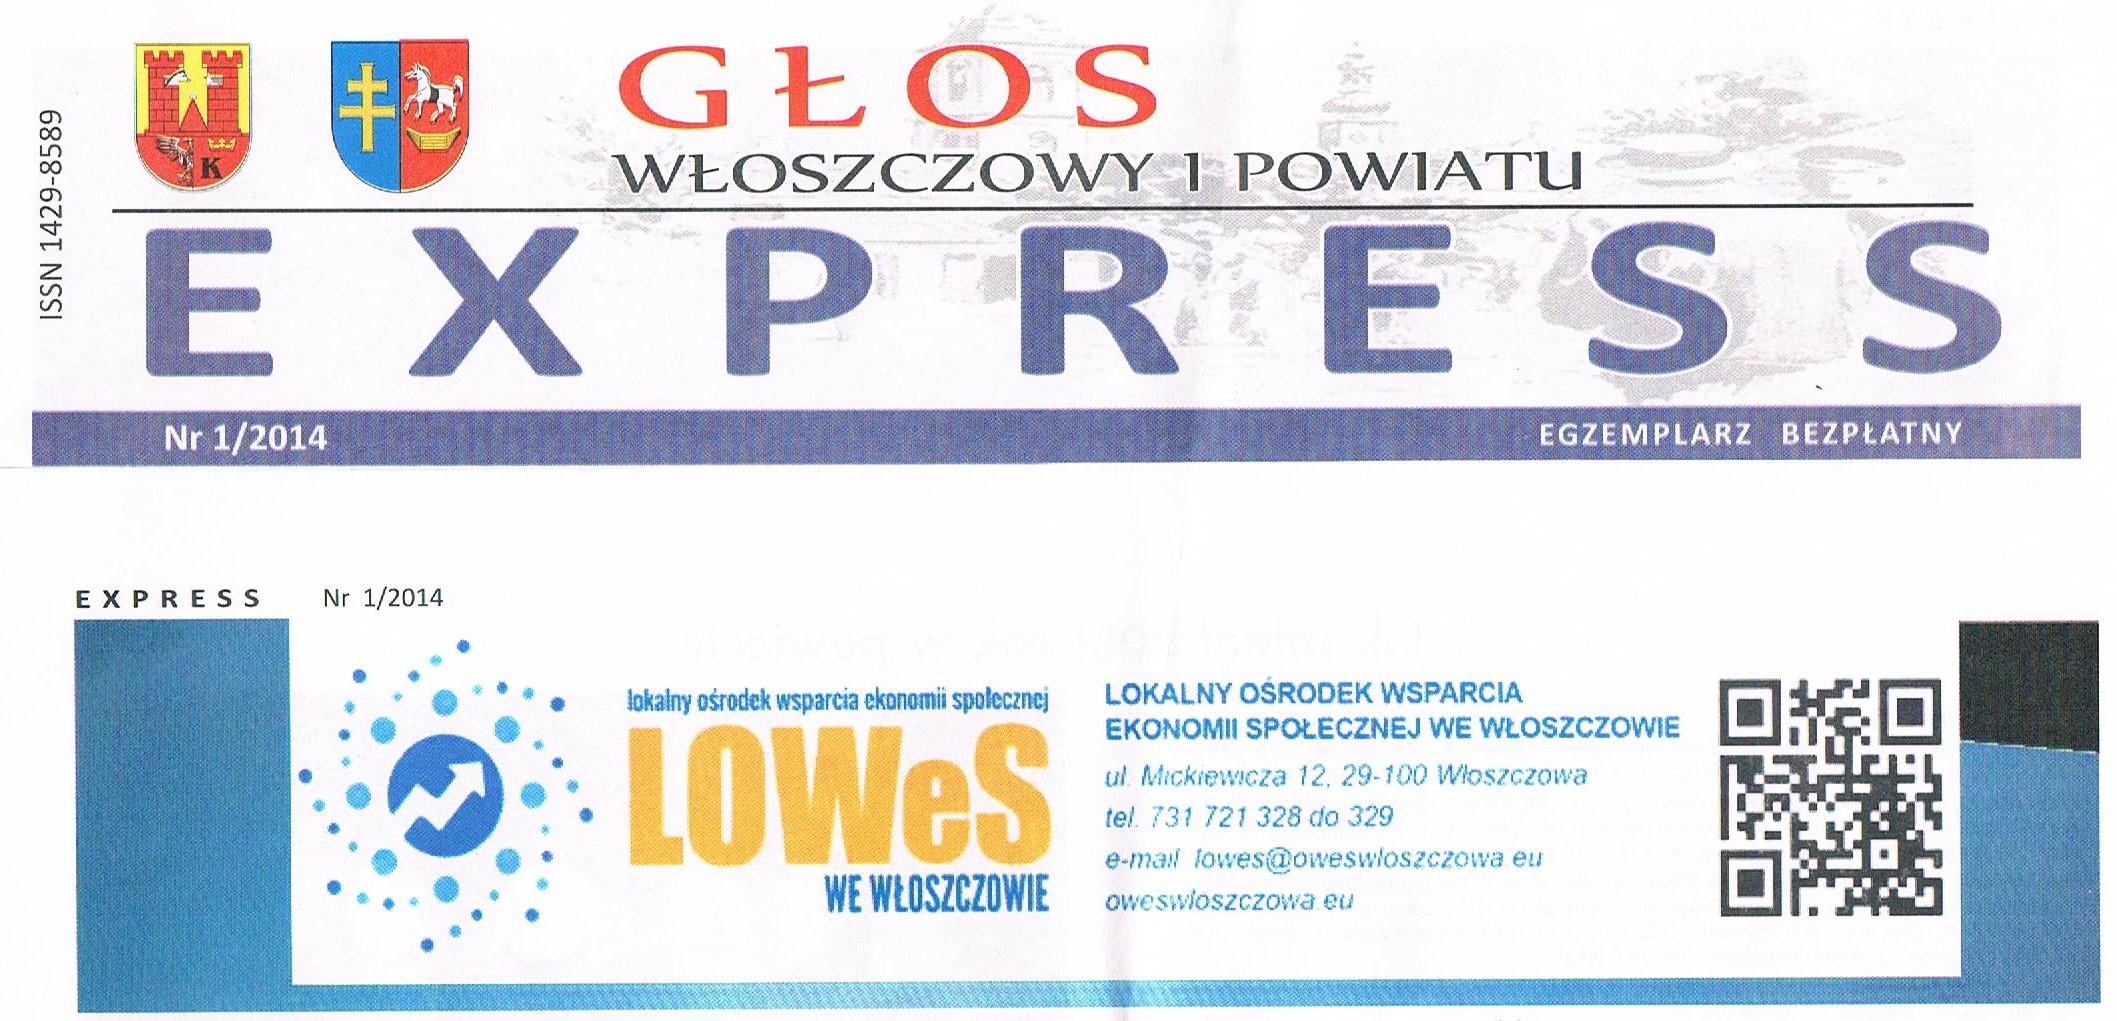 express tytuł 001